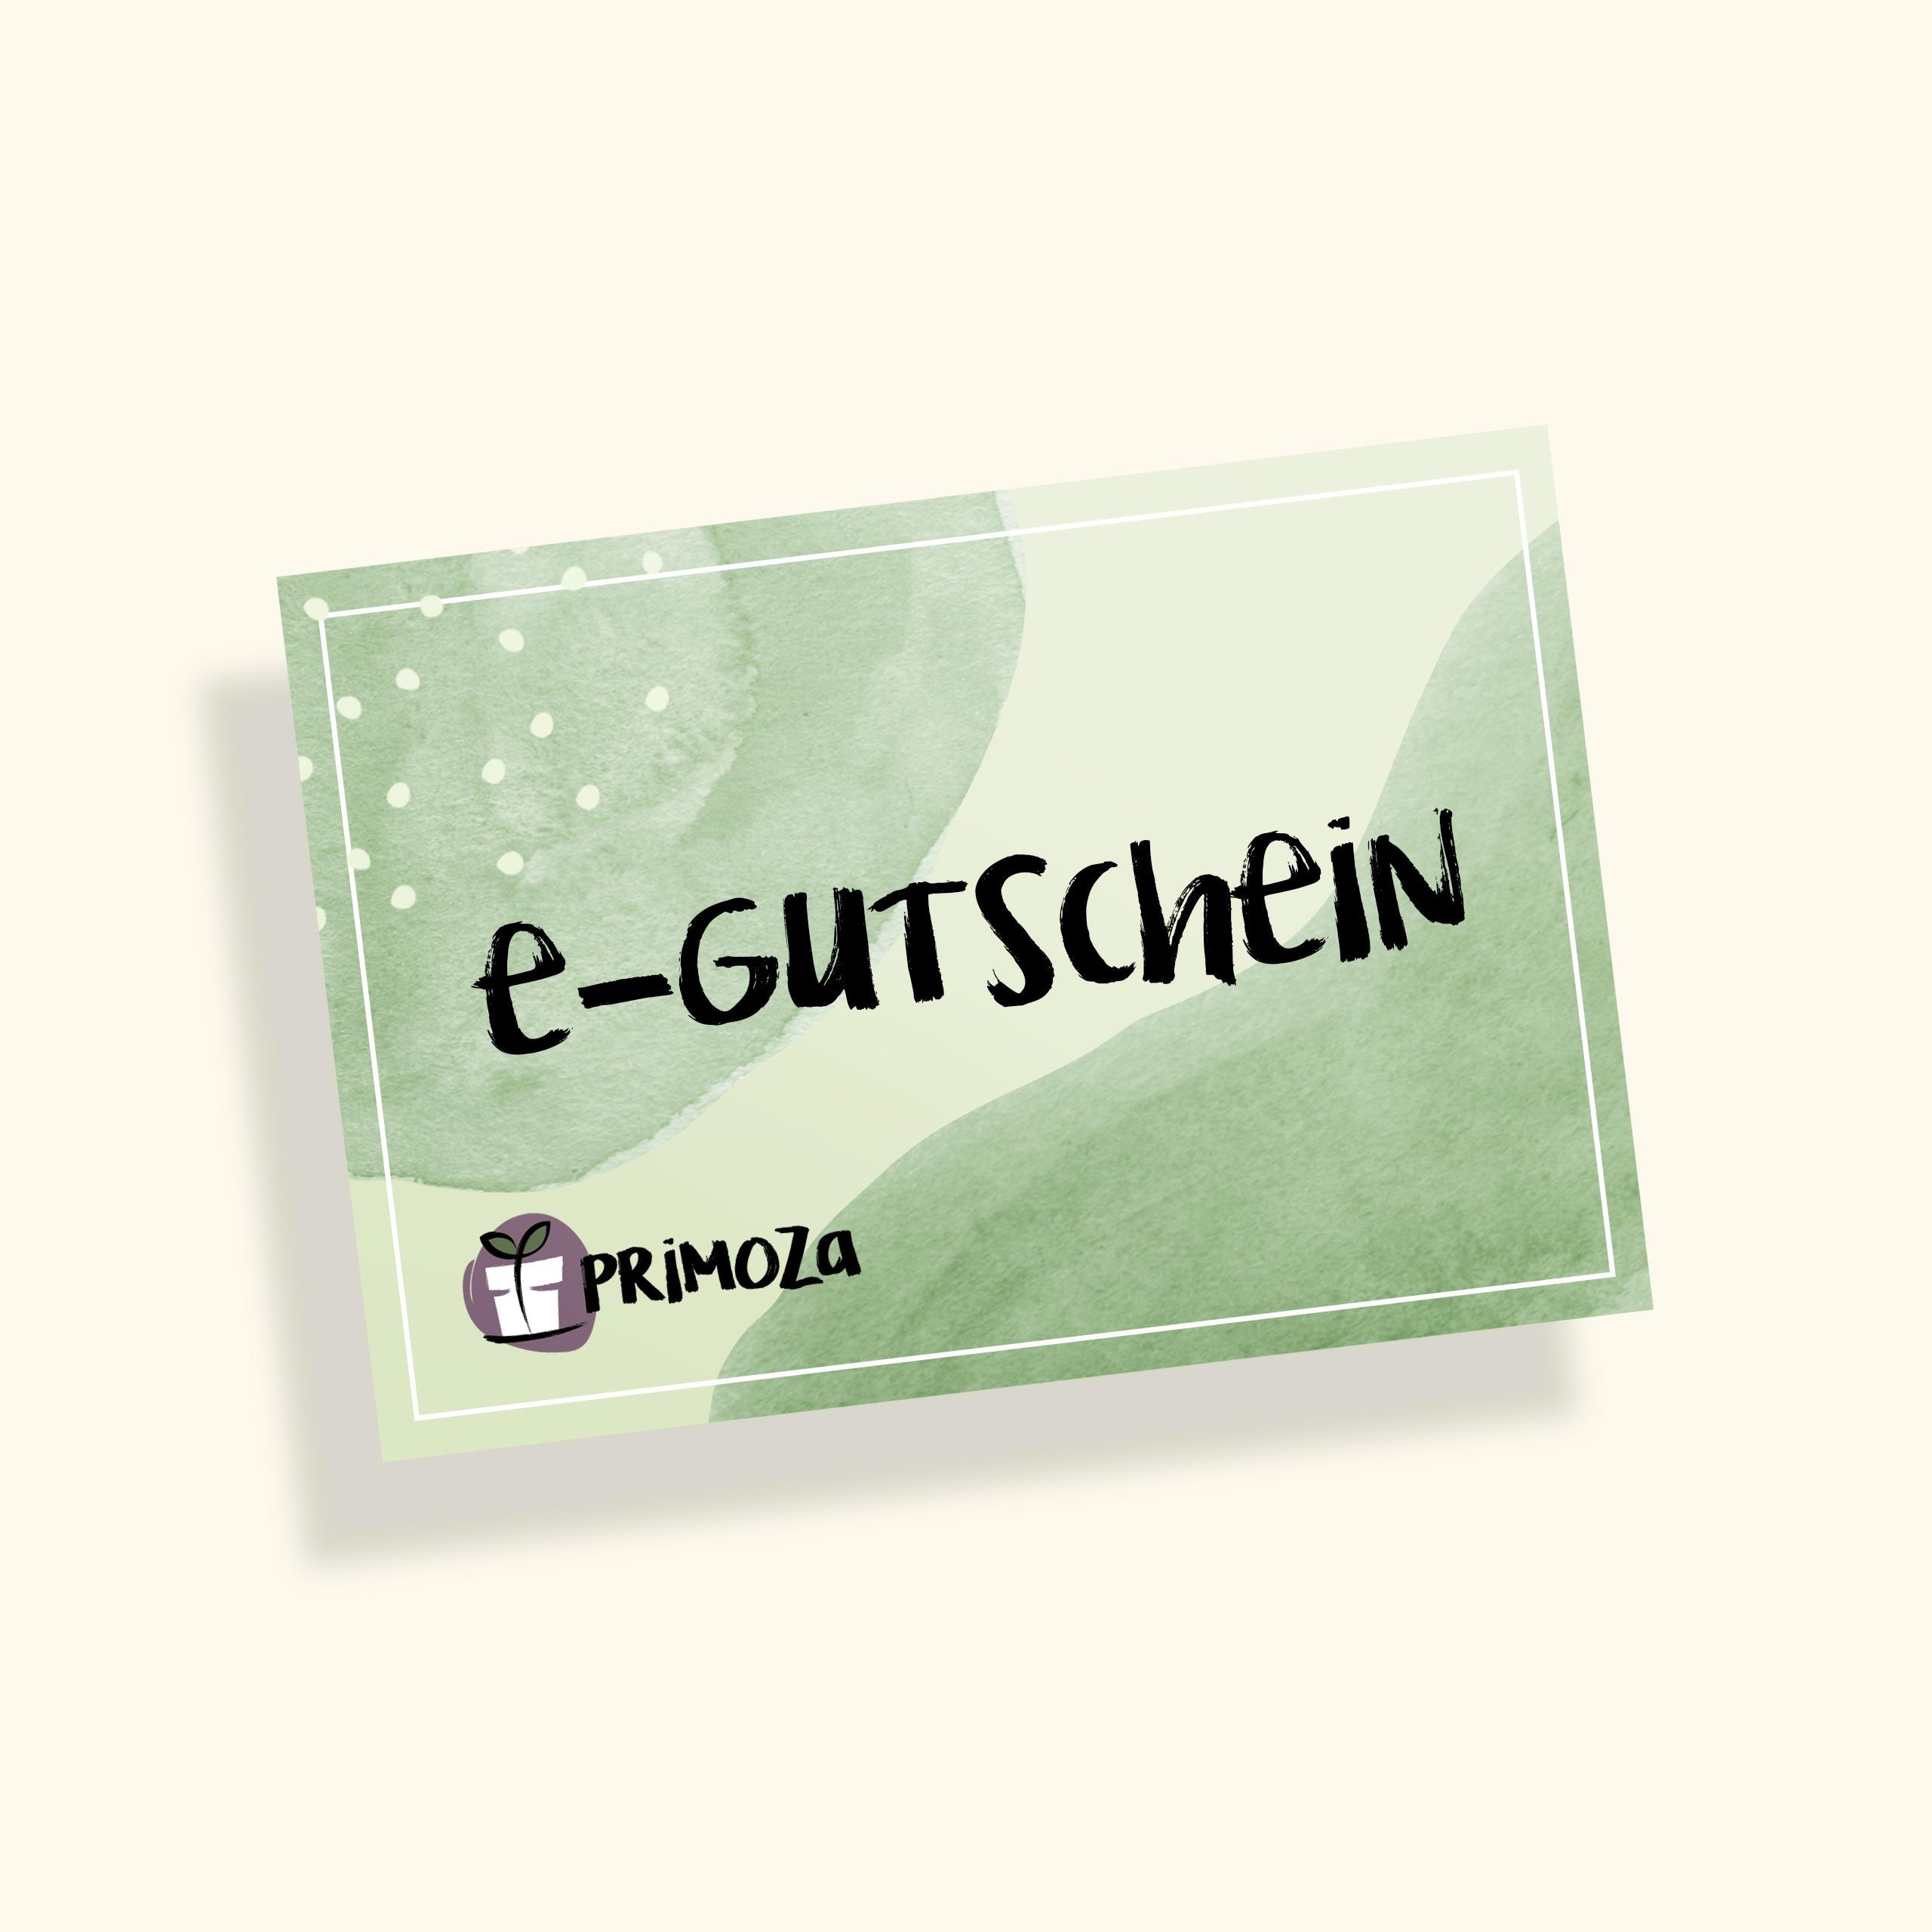 primoza E-Gutschein